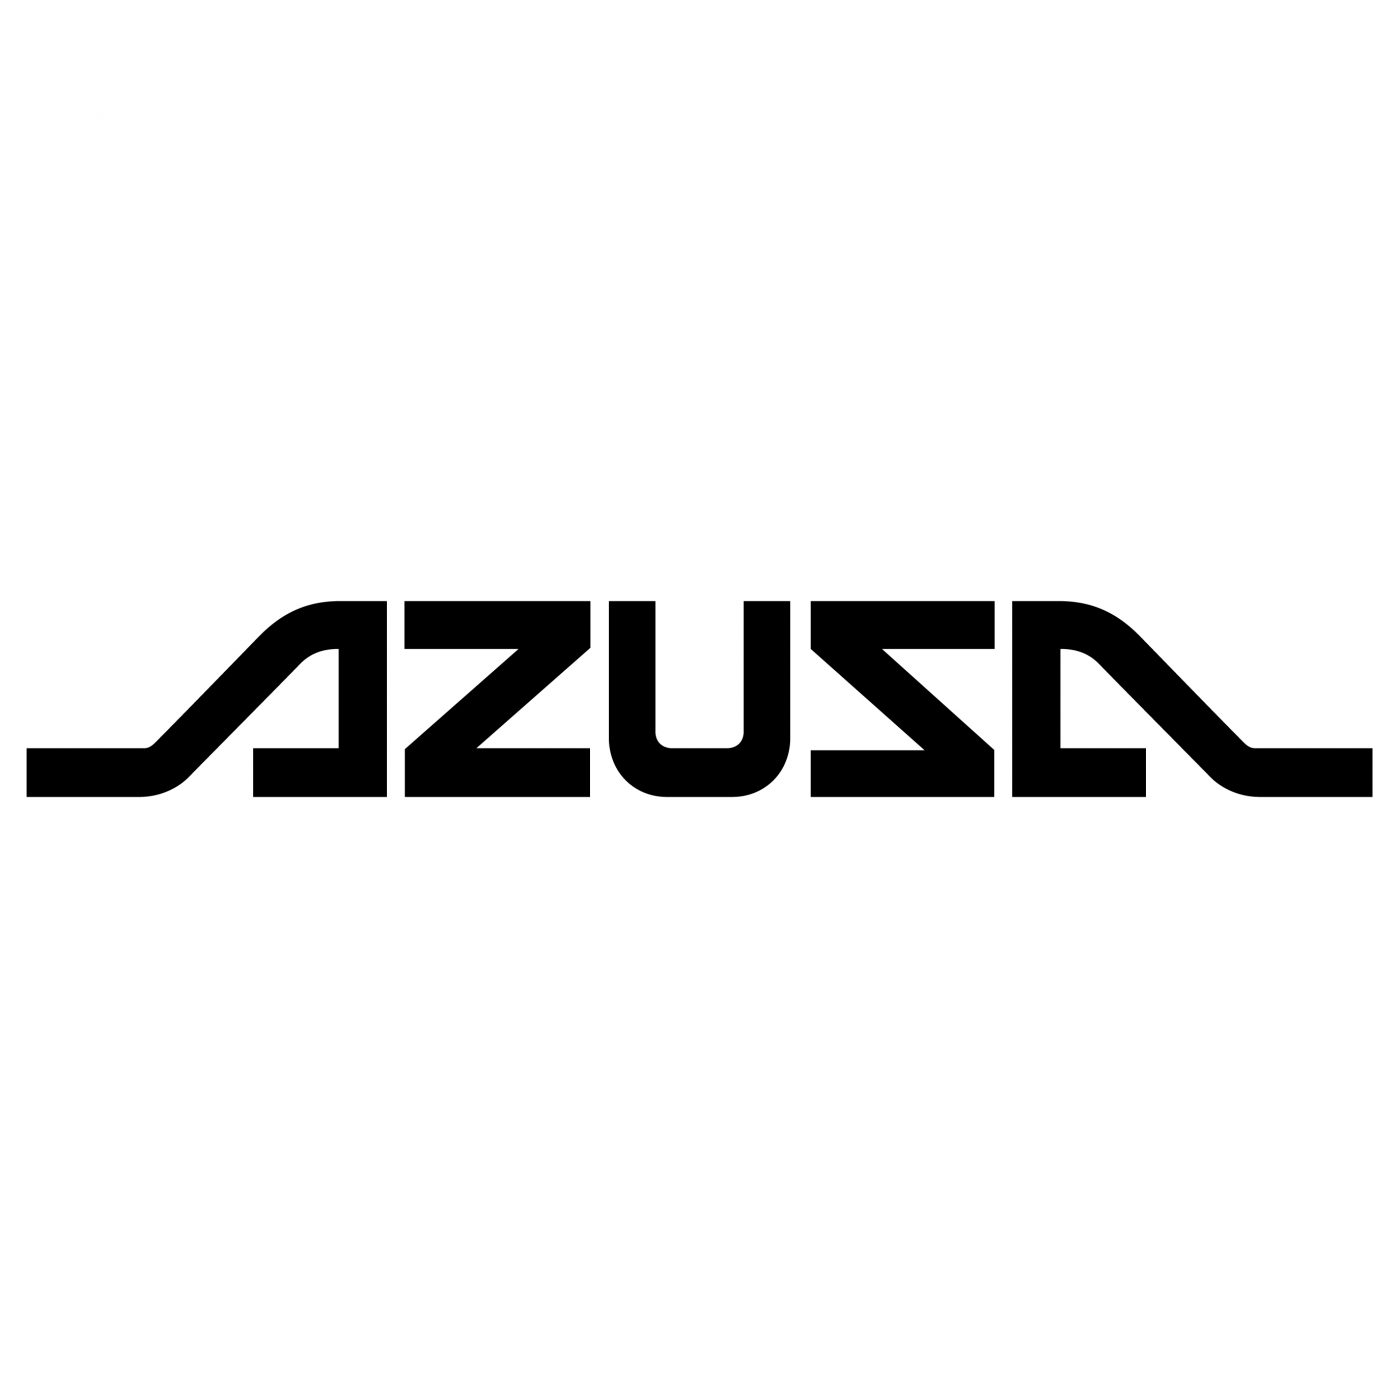 株式会社アズサ